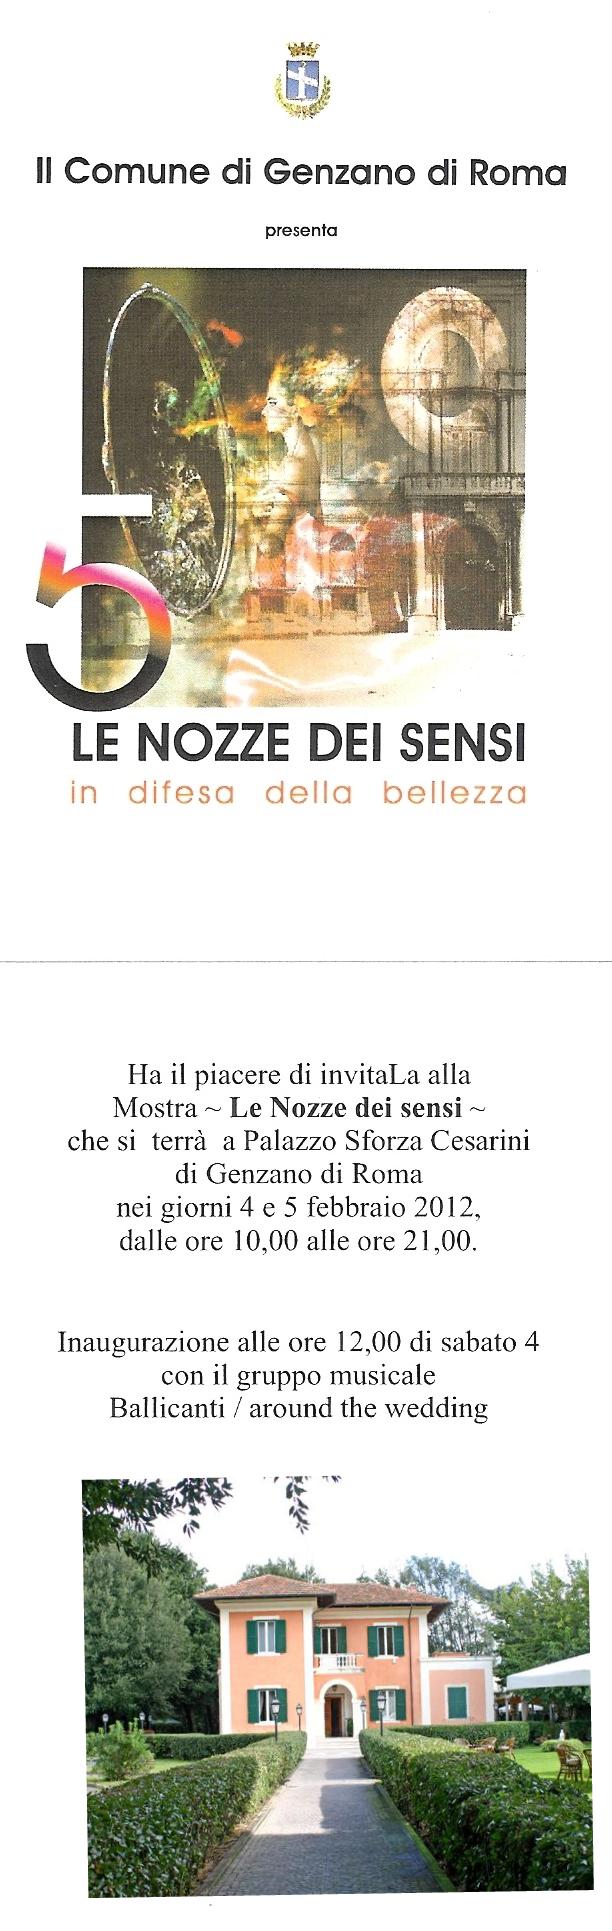 Villa Bernabei vi invita a Le Nozze dei Sensi presso Palazzo Sforza Cesarini